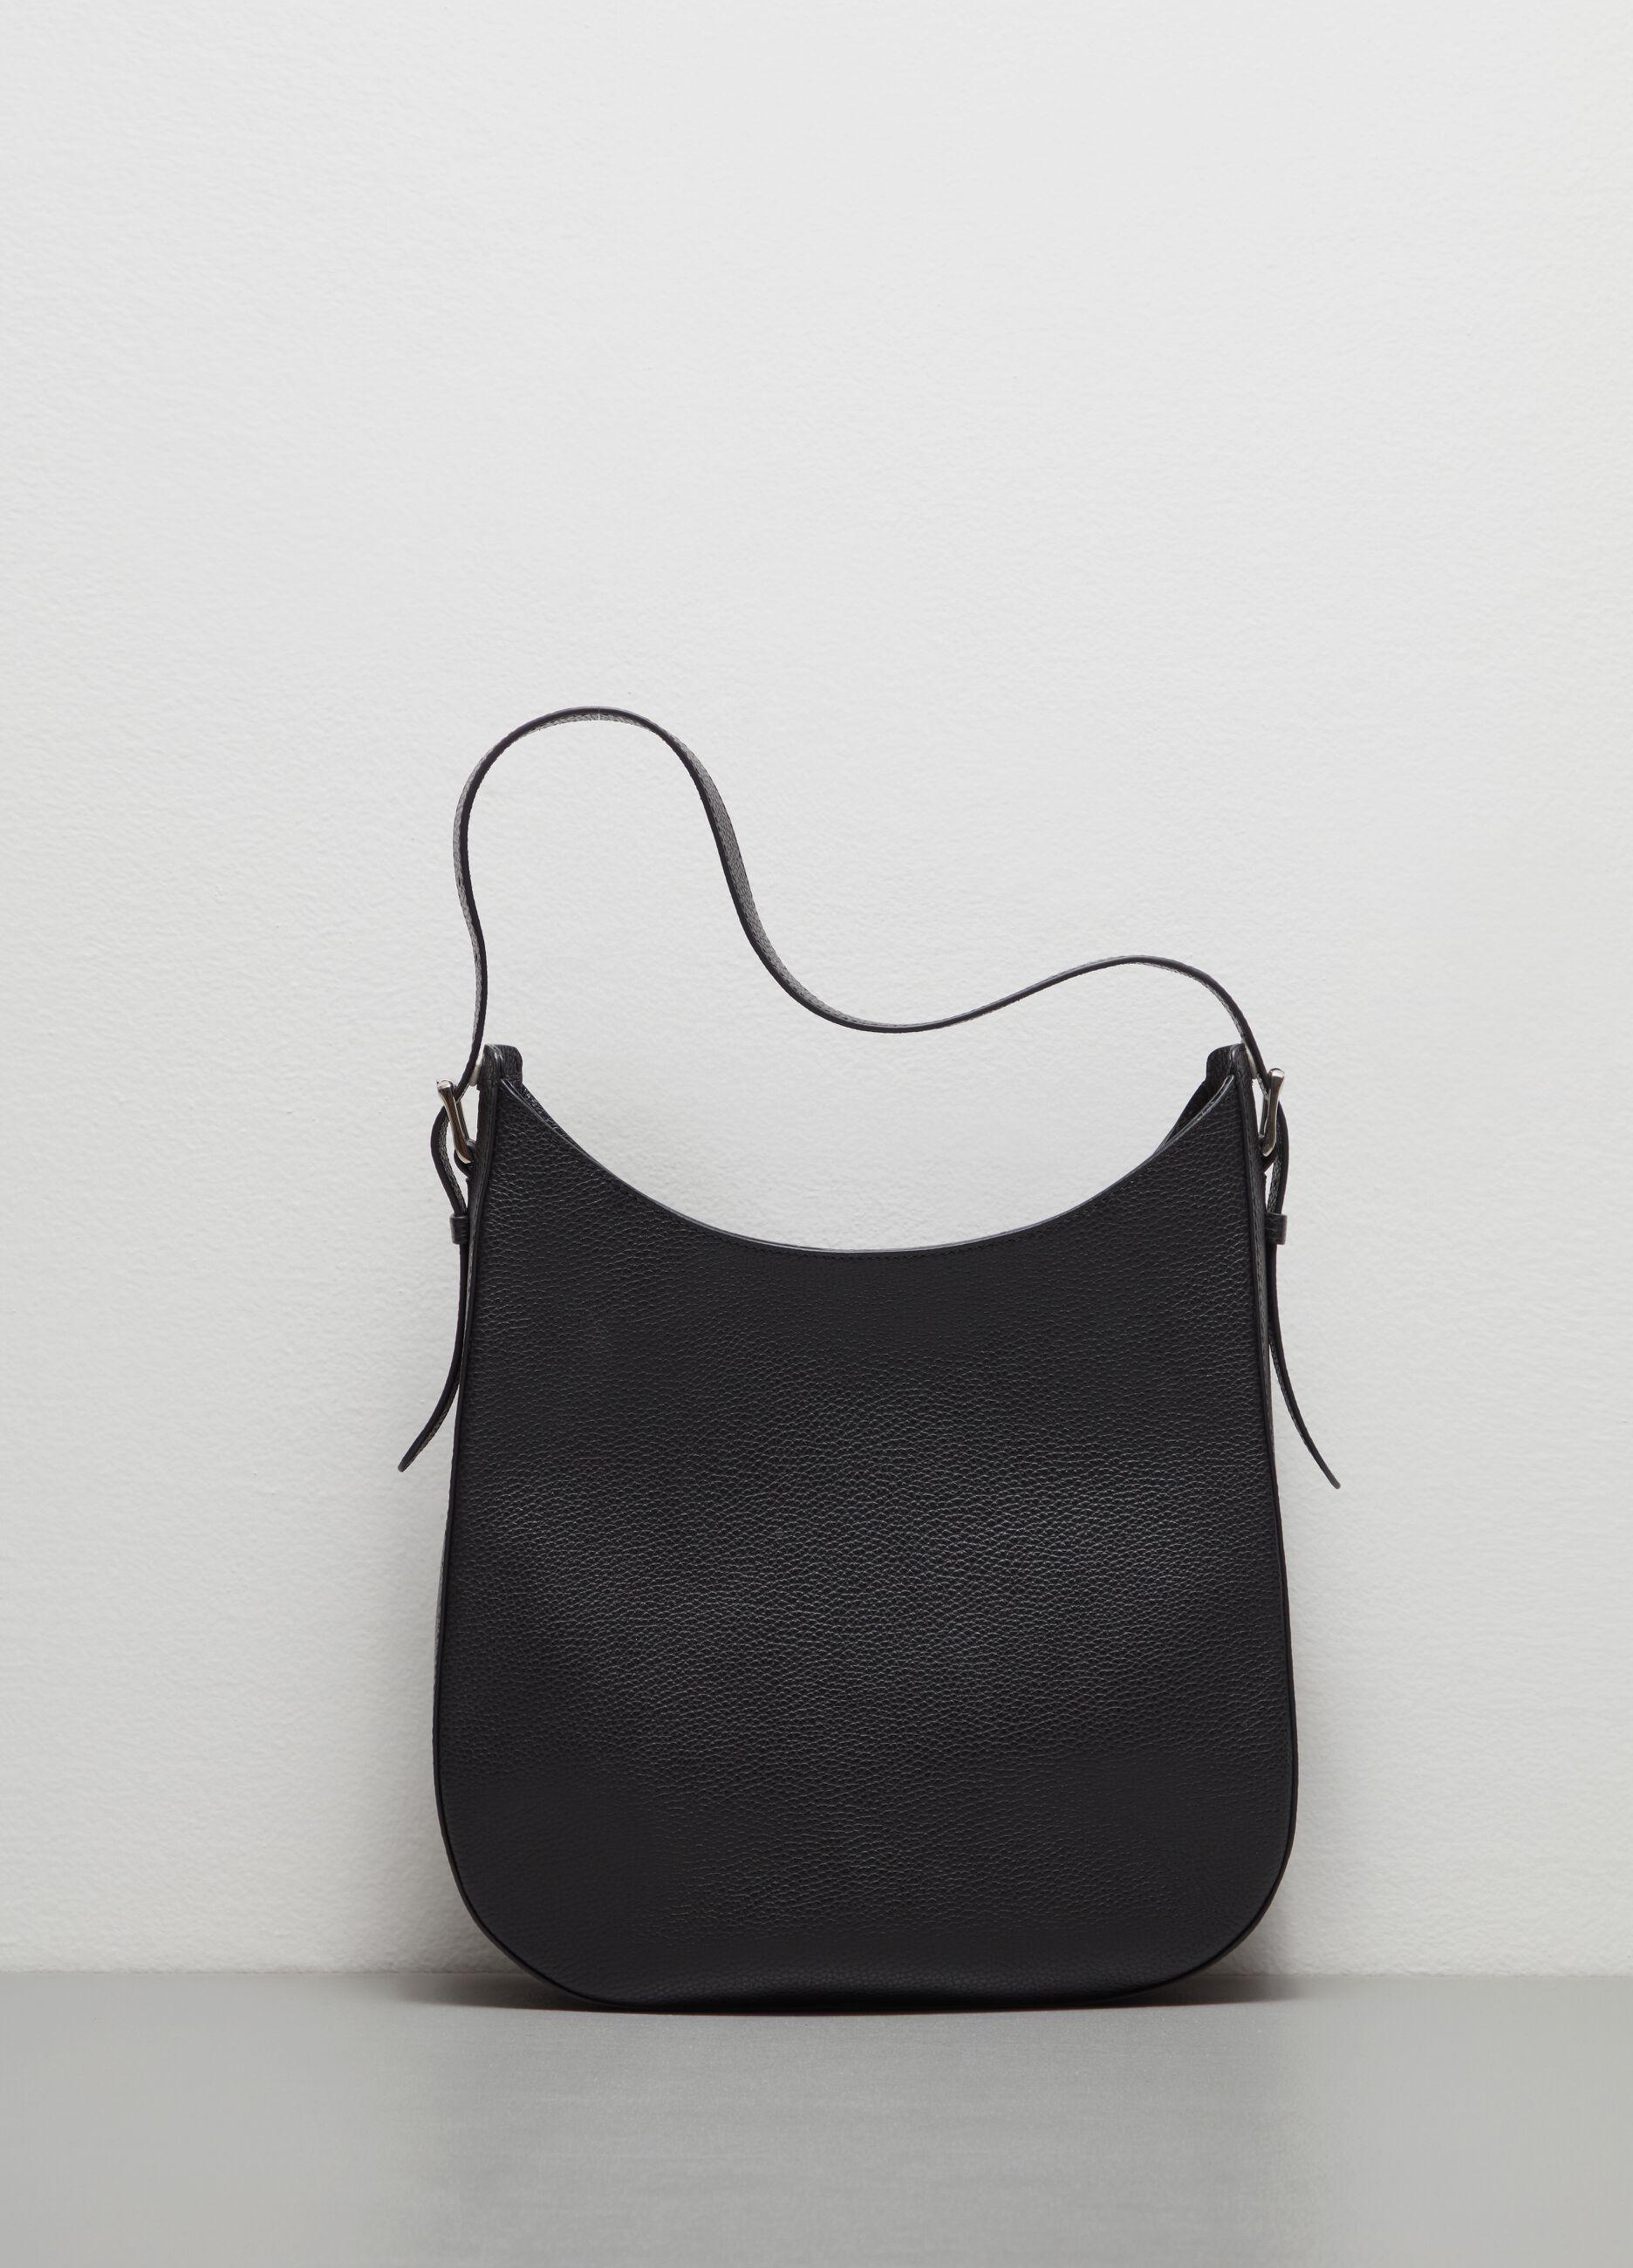 Textured leather shoulder bag Black